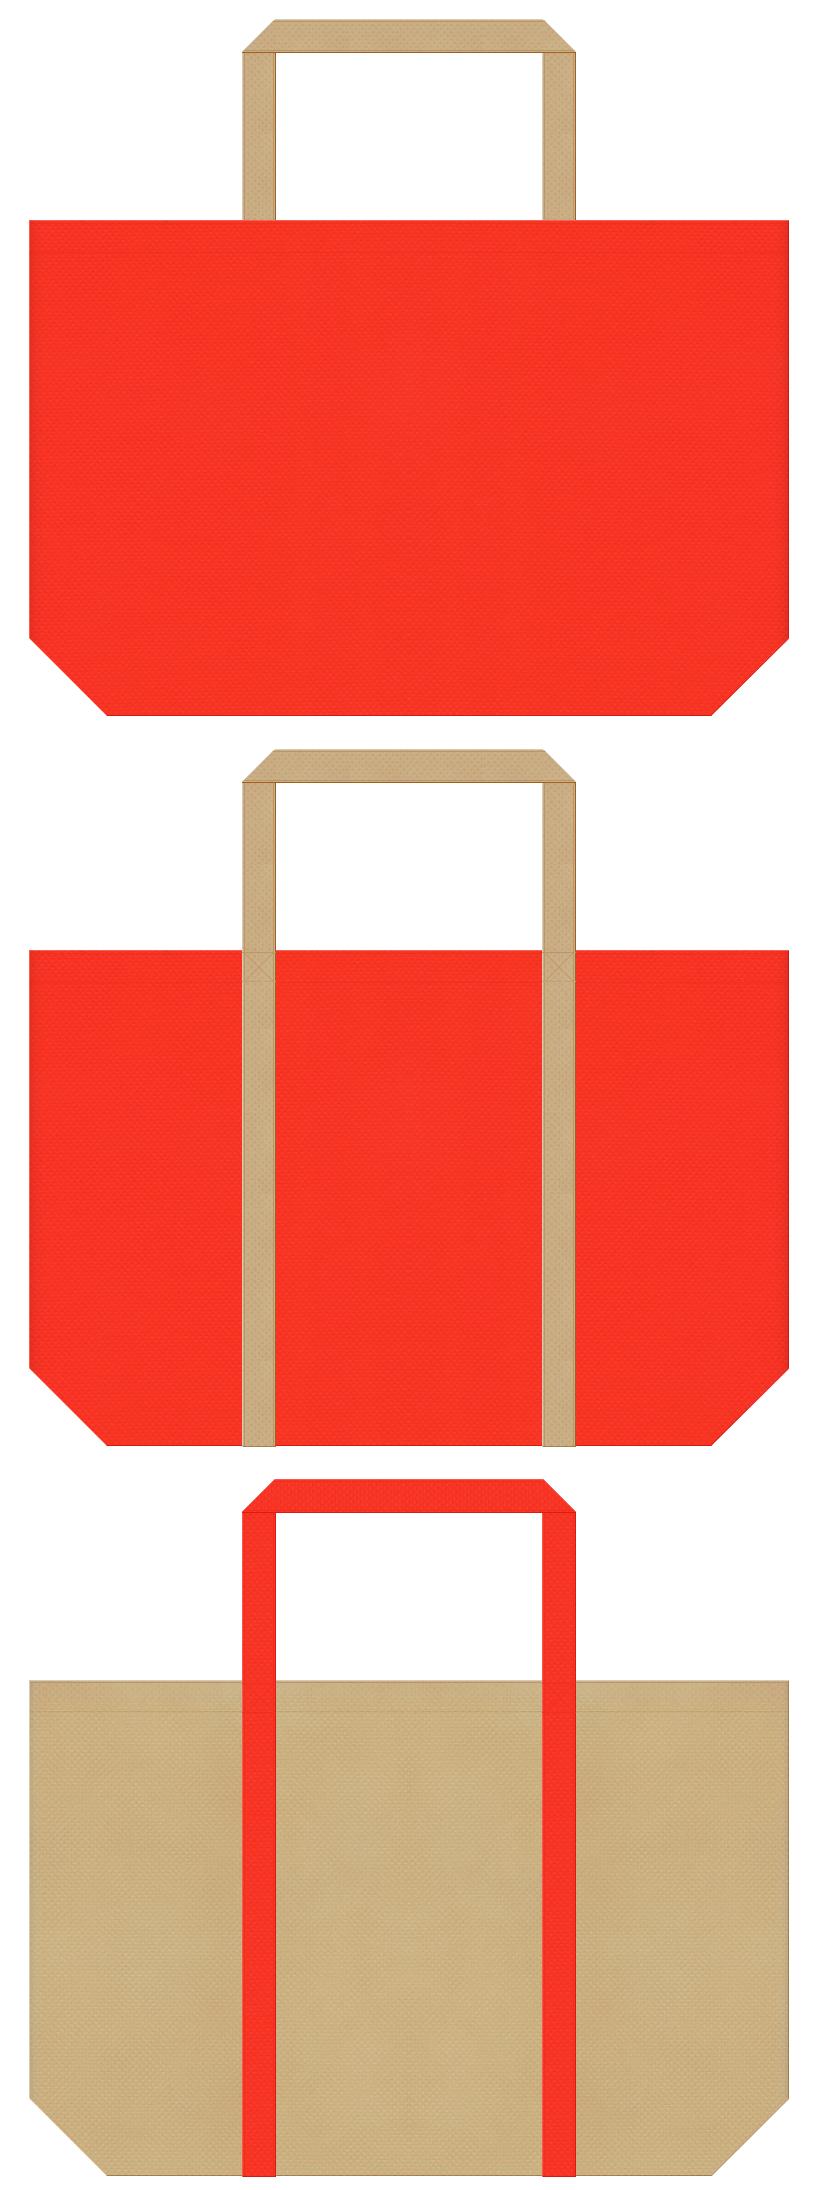 オレンジ色とカーキ色の不織布バッグデザイン。キッチン用品の販促ノベルティーやショッピングバッグにお奨めです。